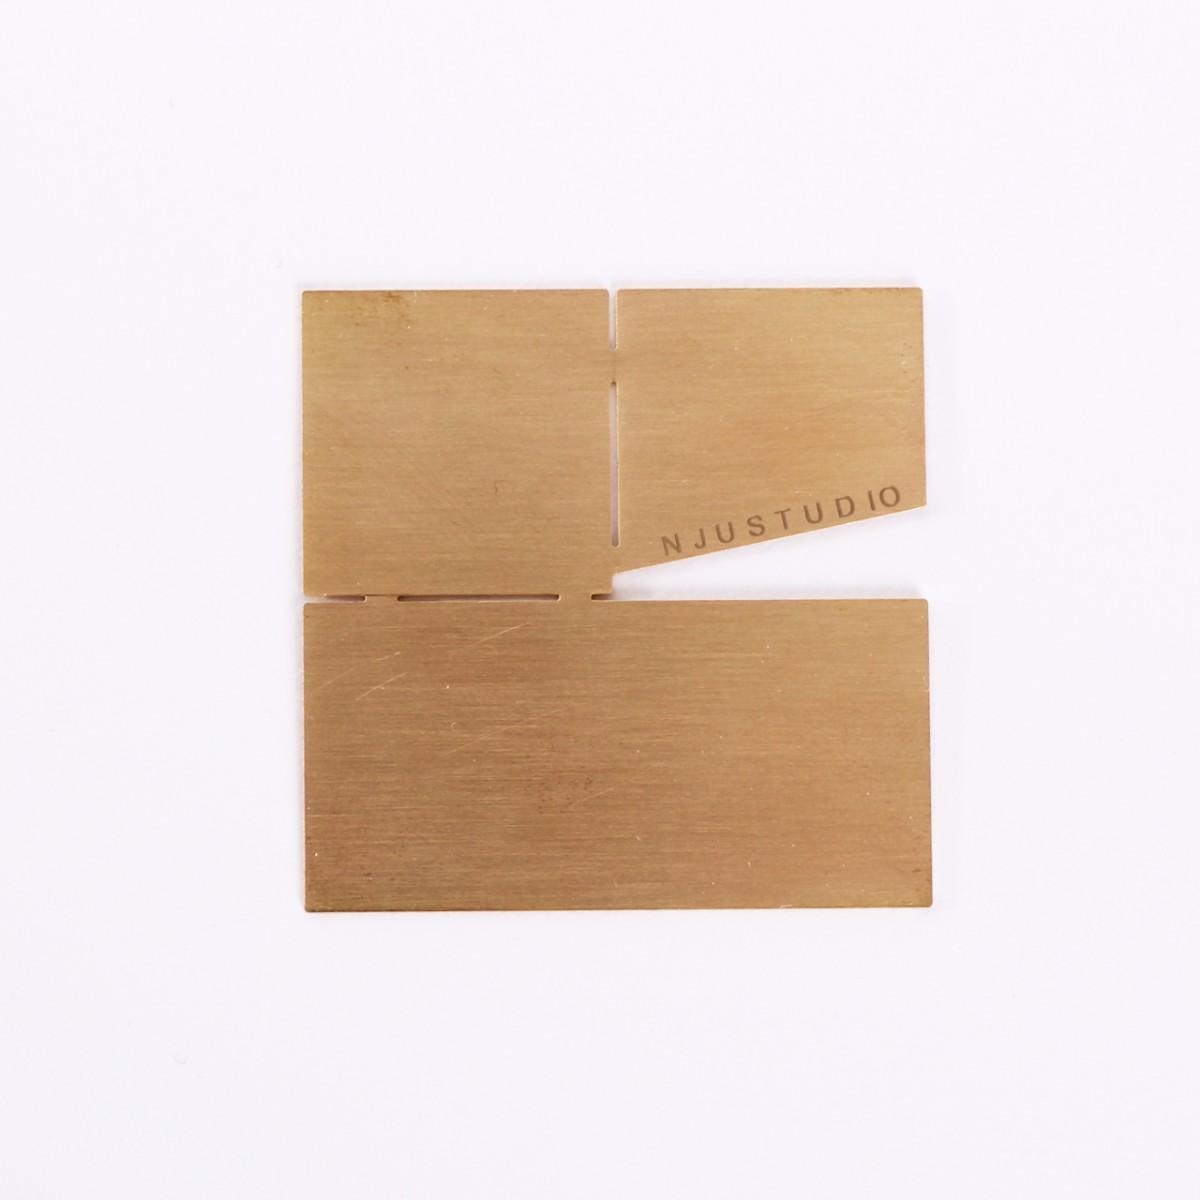 Njustudio Geometrischer Tischschmuck HOLD Square